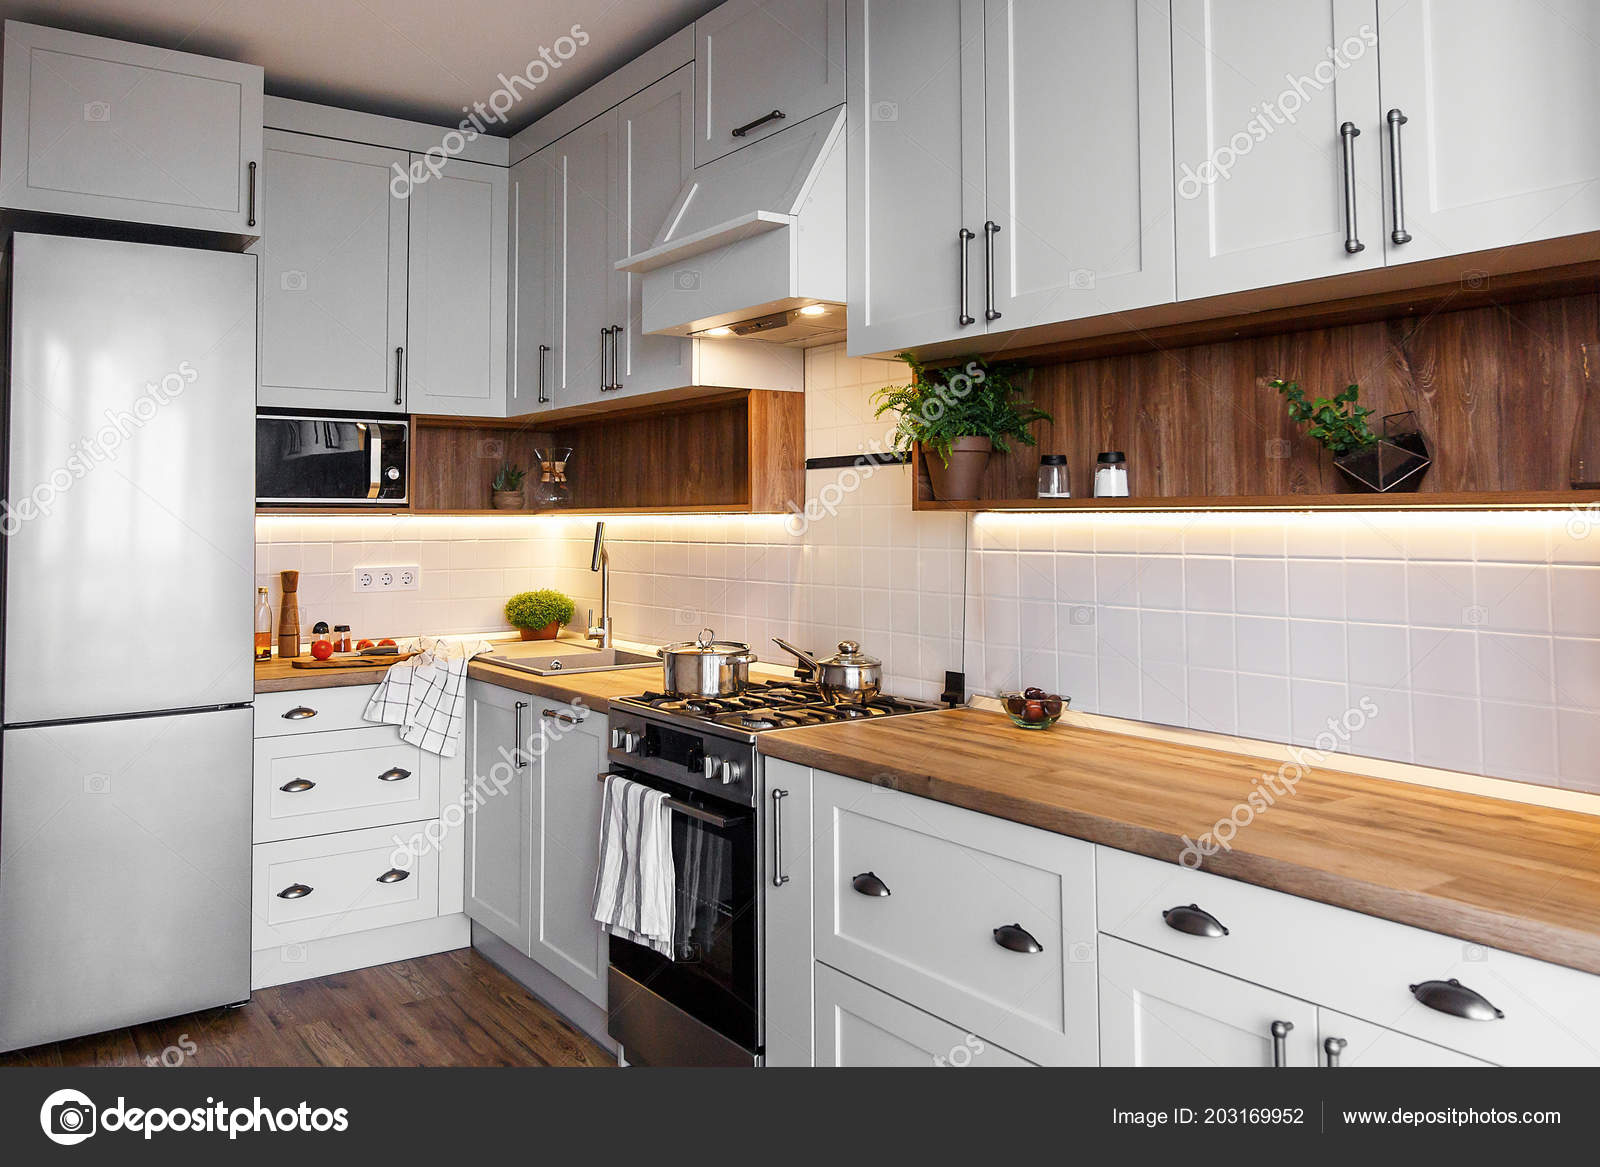 Interni Cucina Grigio Luce Elegante Con Mobili Moderni ...